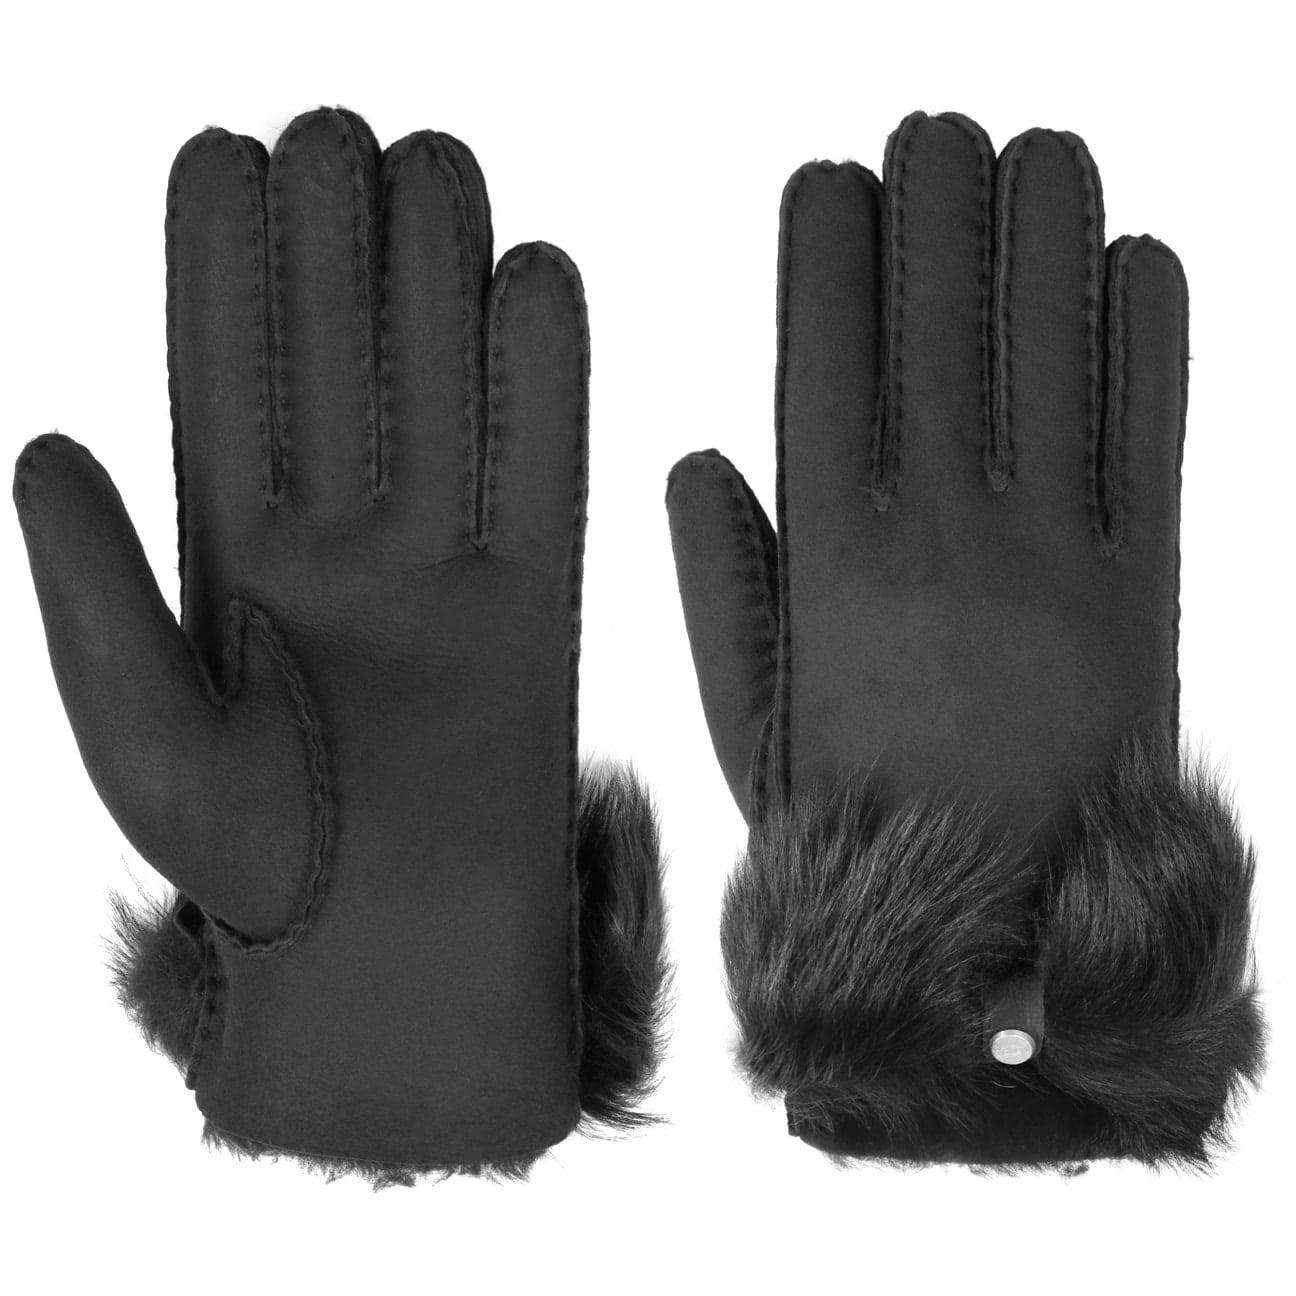 gants julika pour femme by ugg 169 95. Black Bedroom Furniture Sets. Home Design Ideas